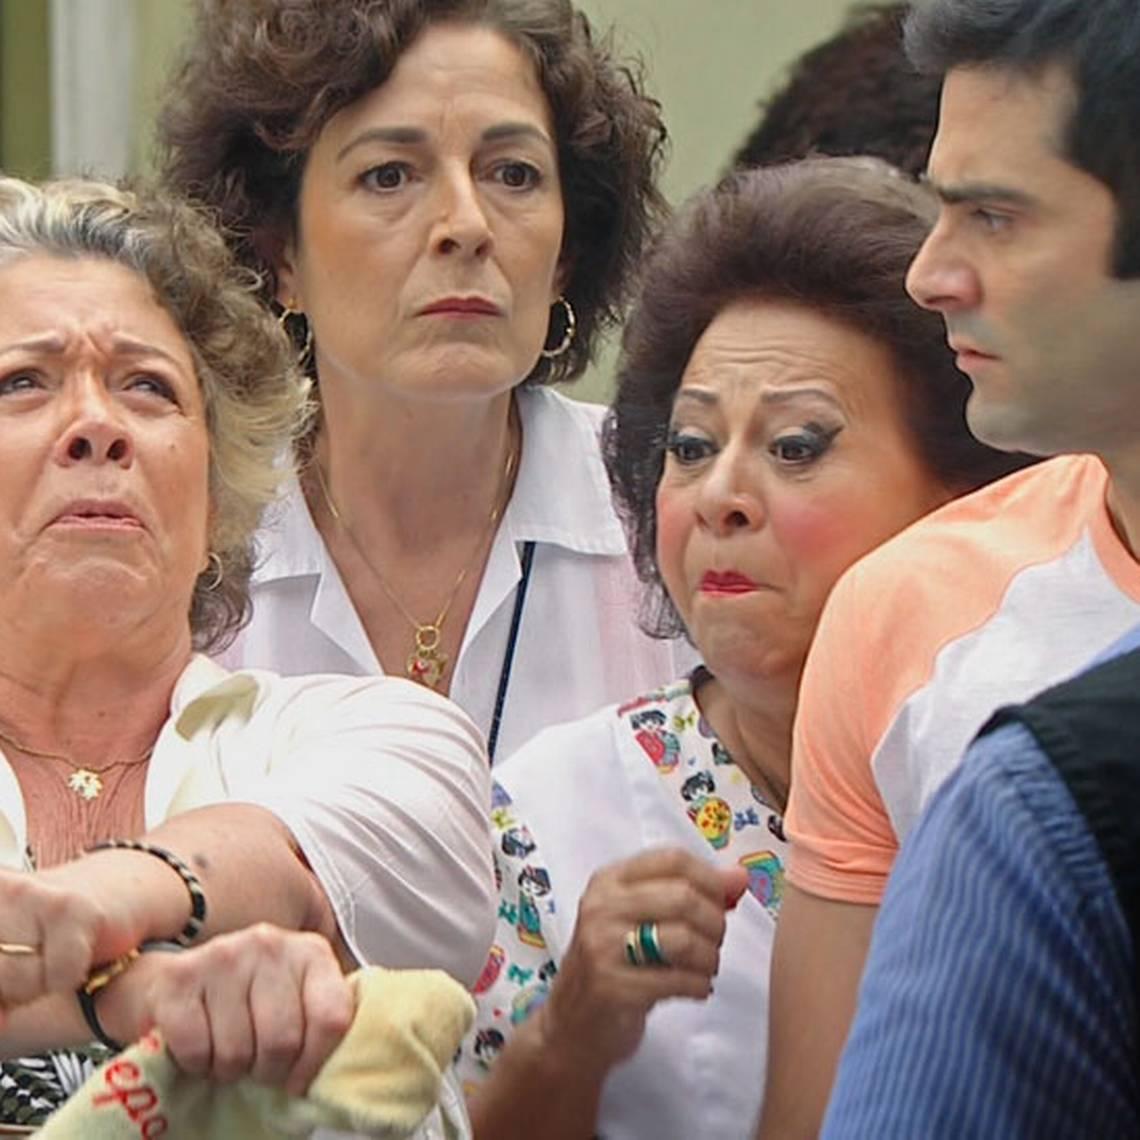 Doña Xepa irá a la cárcel